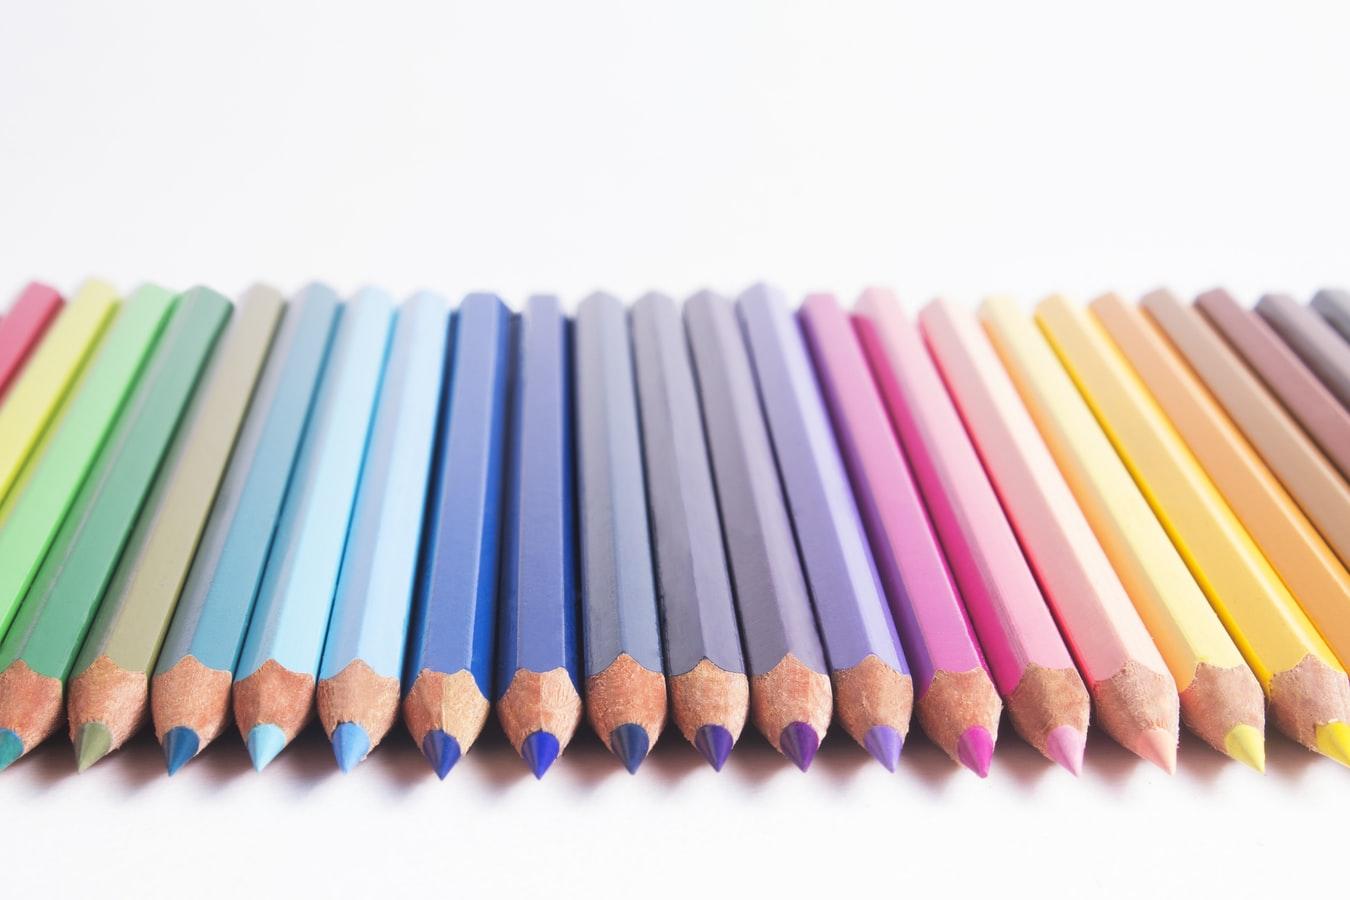 Bienfaits du coloriage